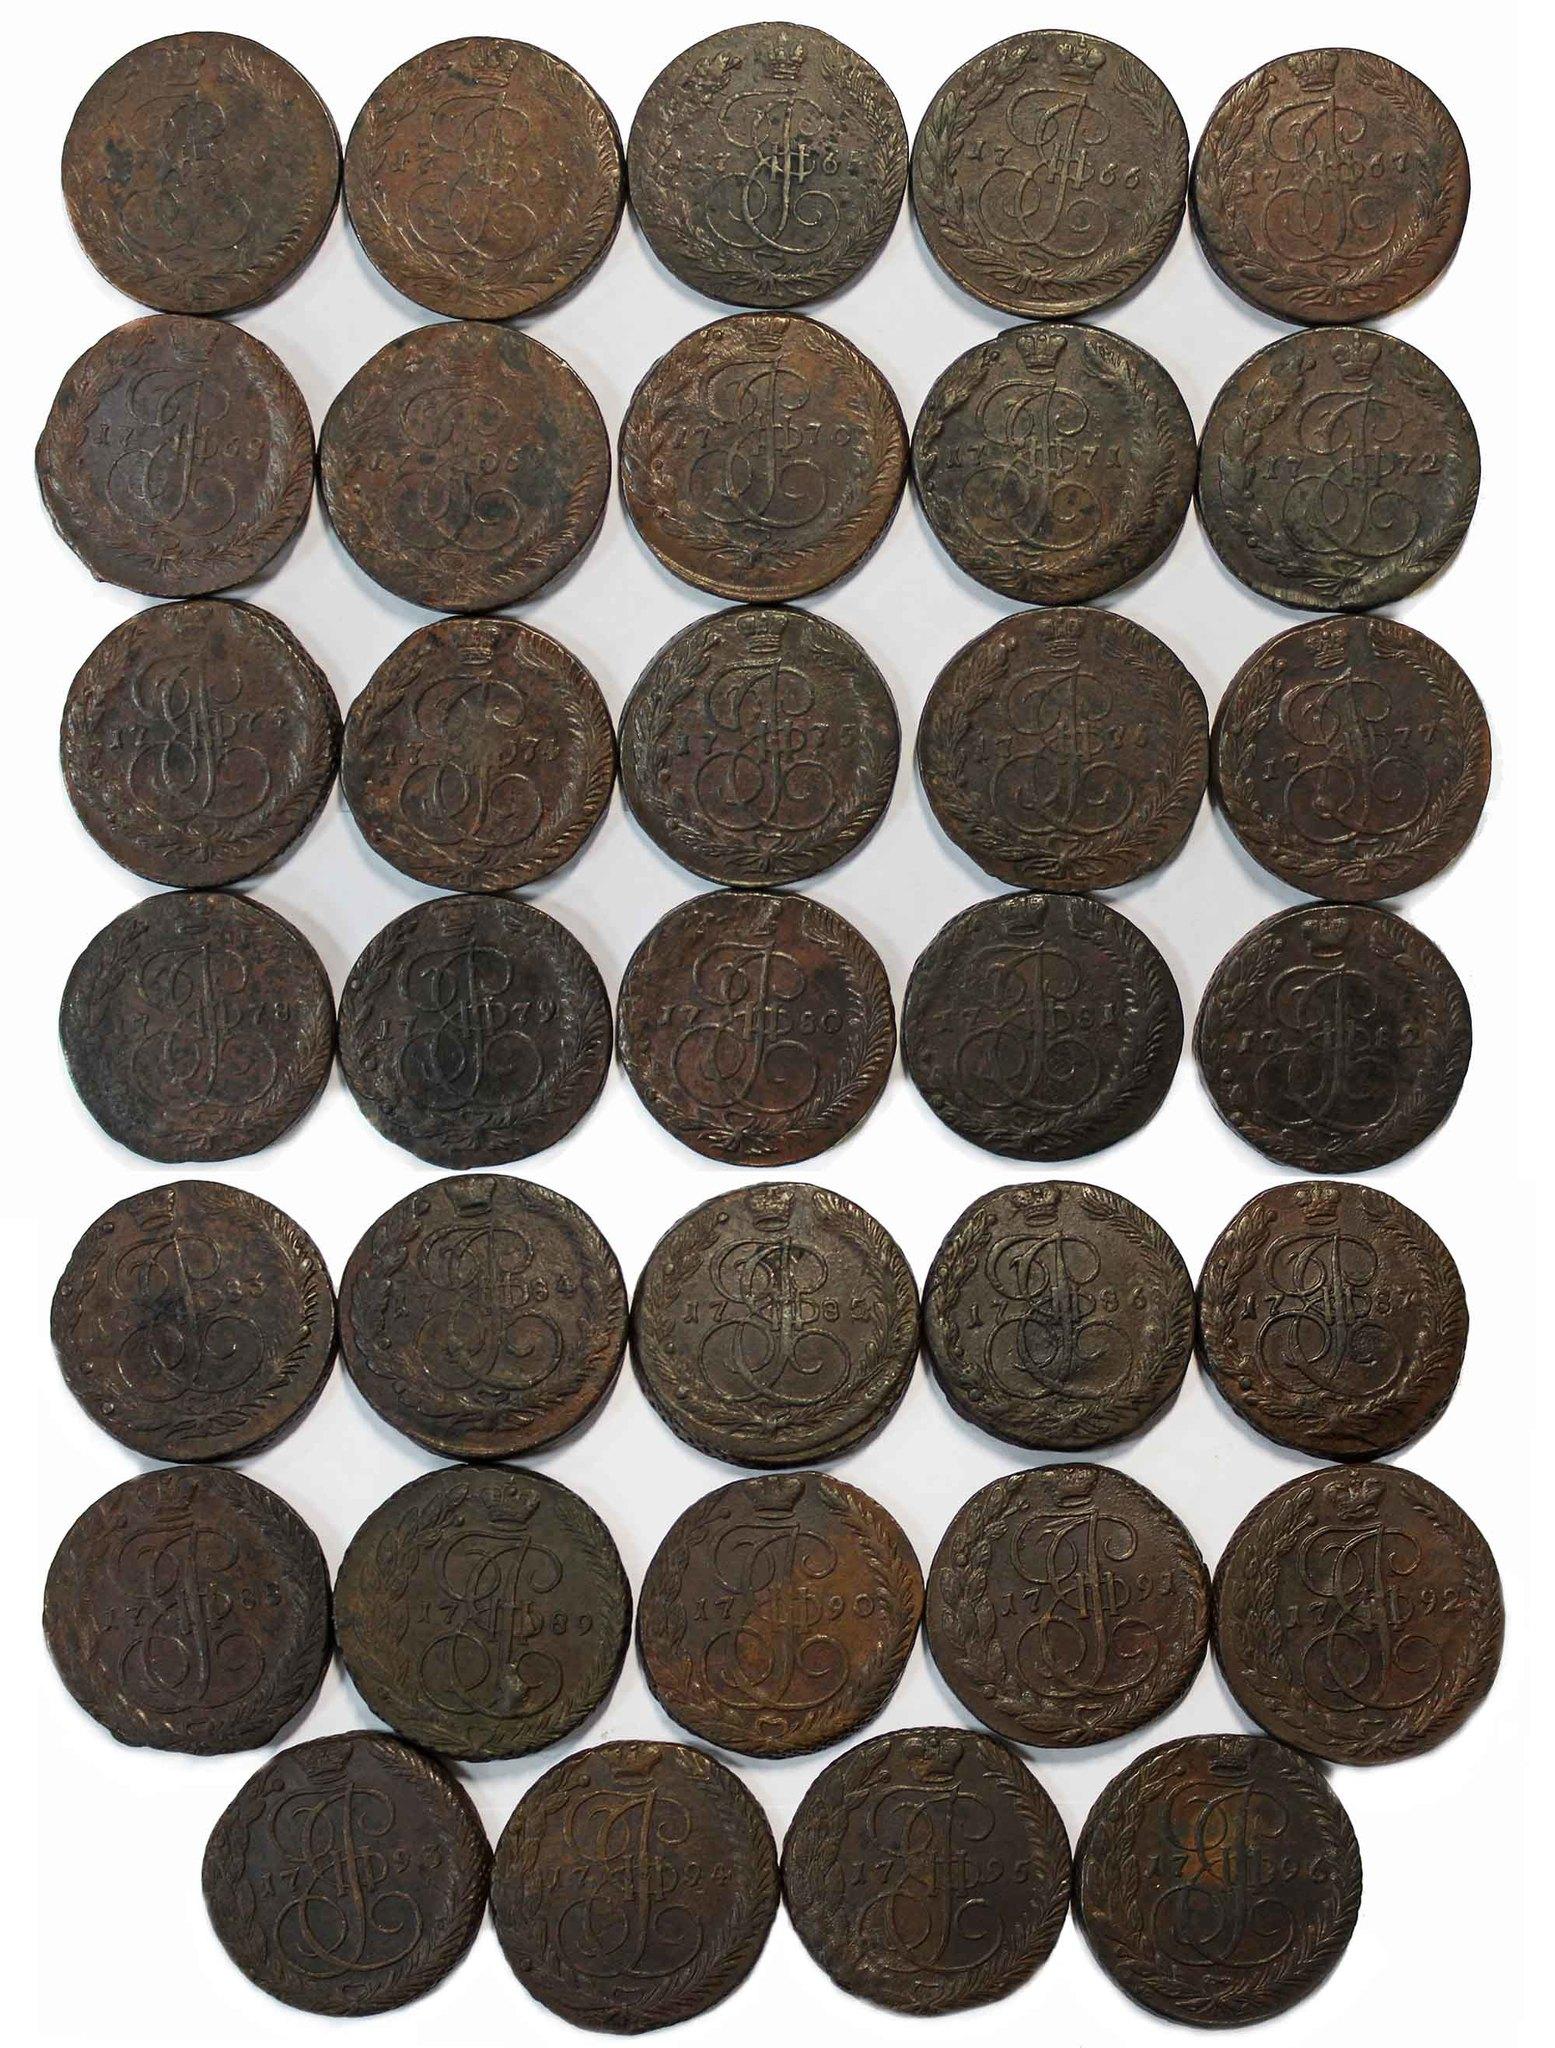 Полный набор 5 копеек Екатерина II 1763-1796 (34 монеты) №2